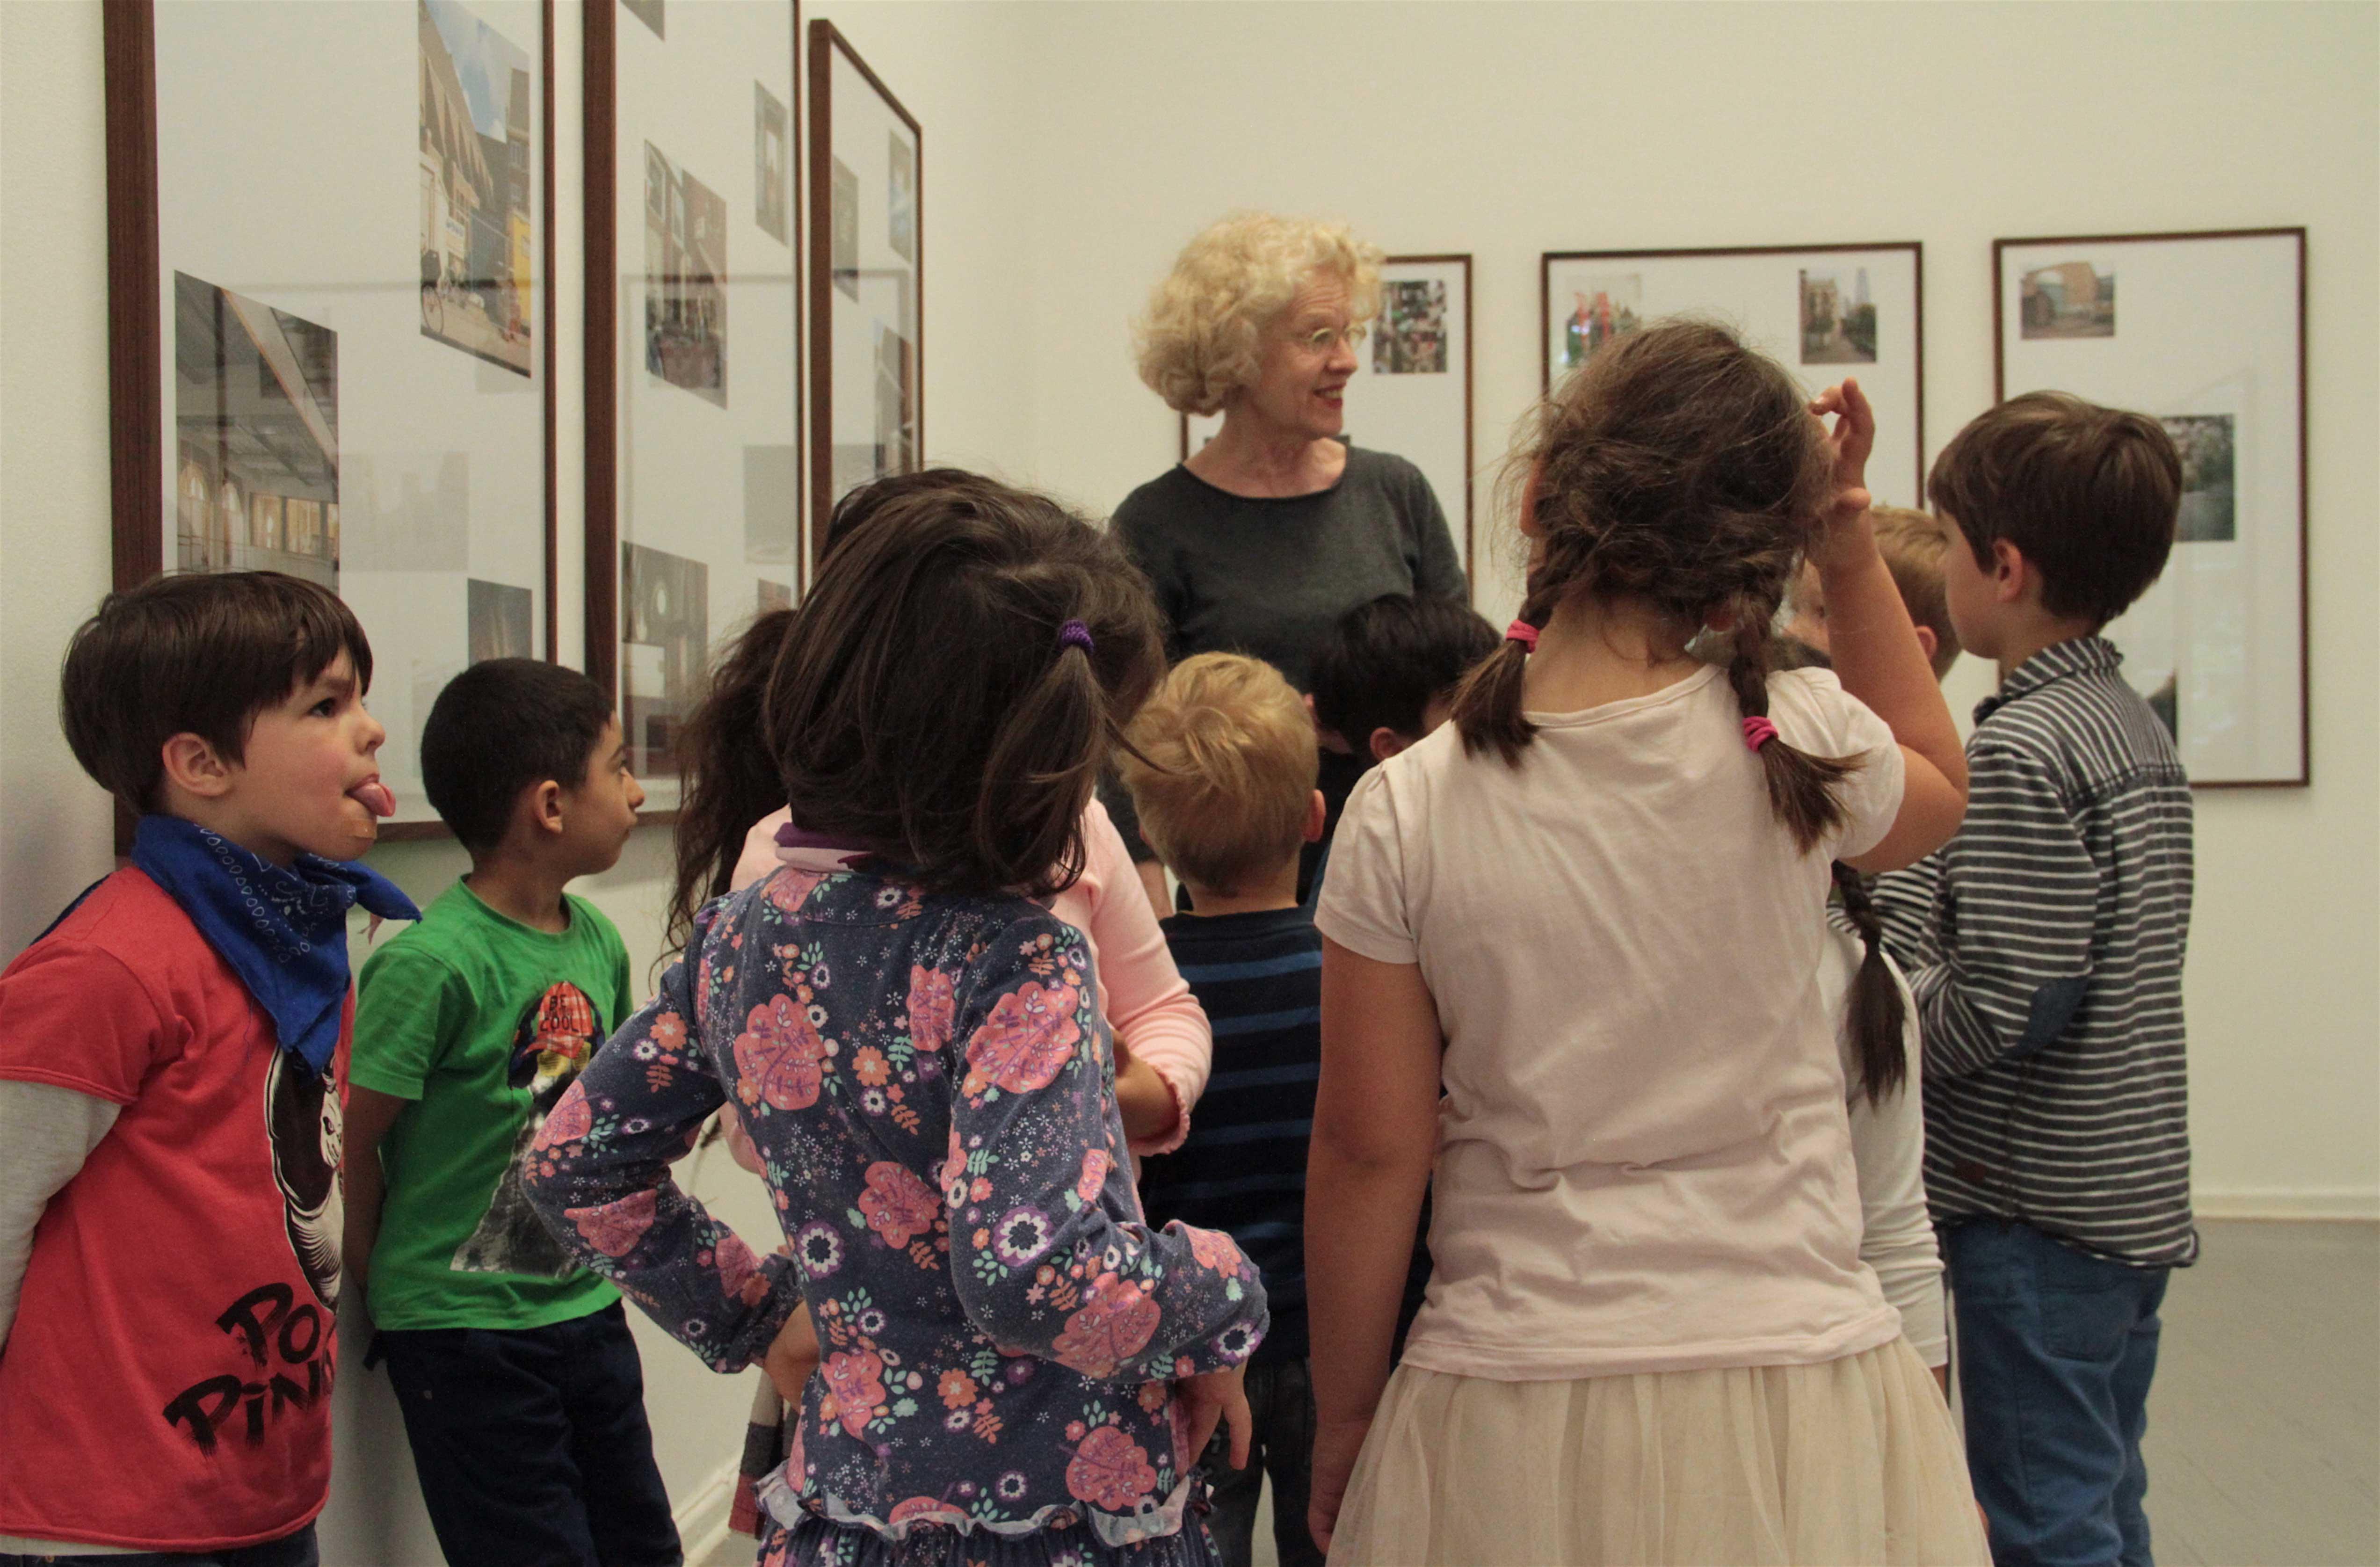 Exhibition Berlin | children from St Michael's Kindergarten